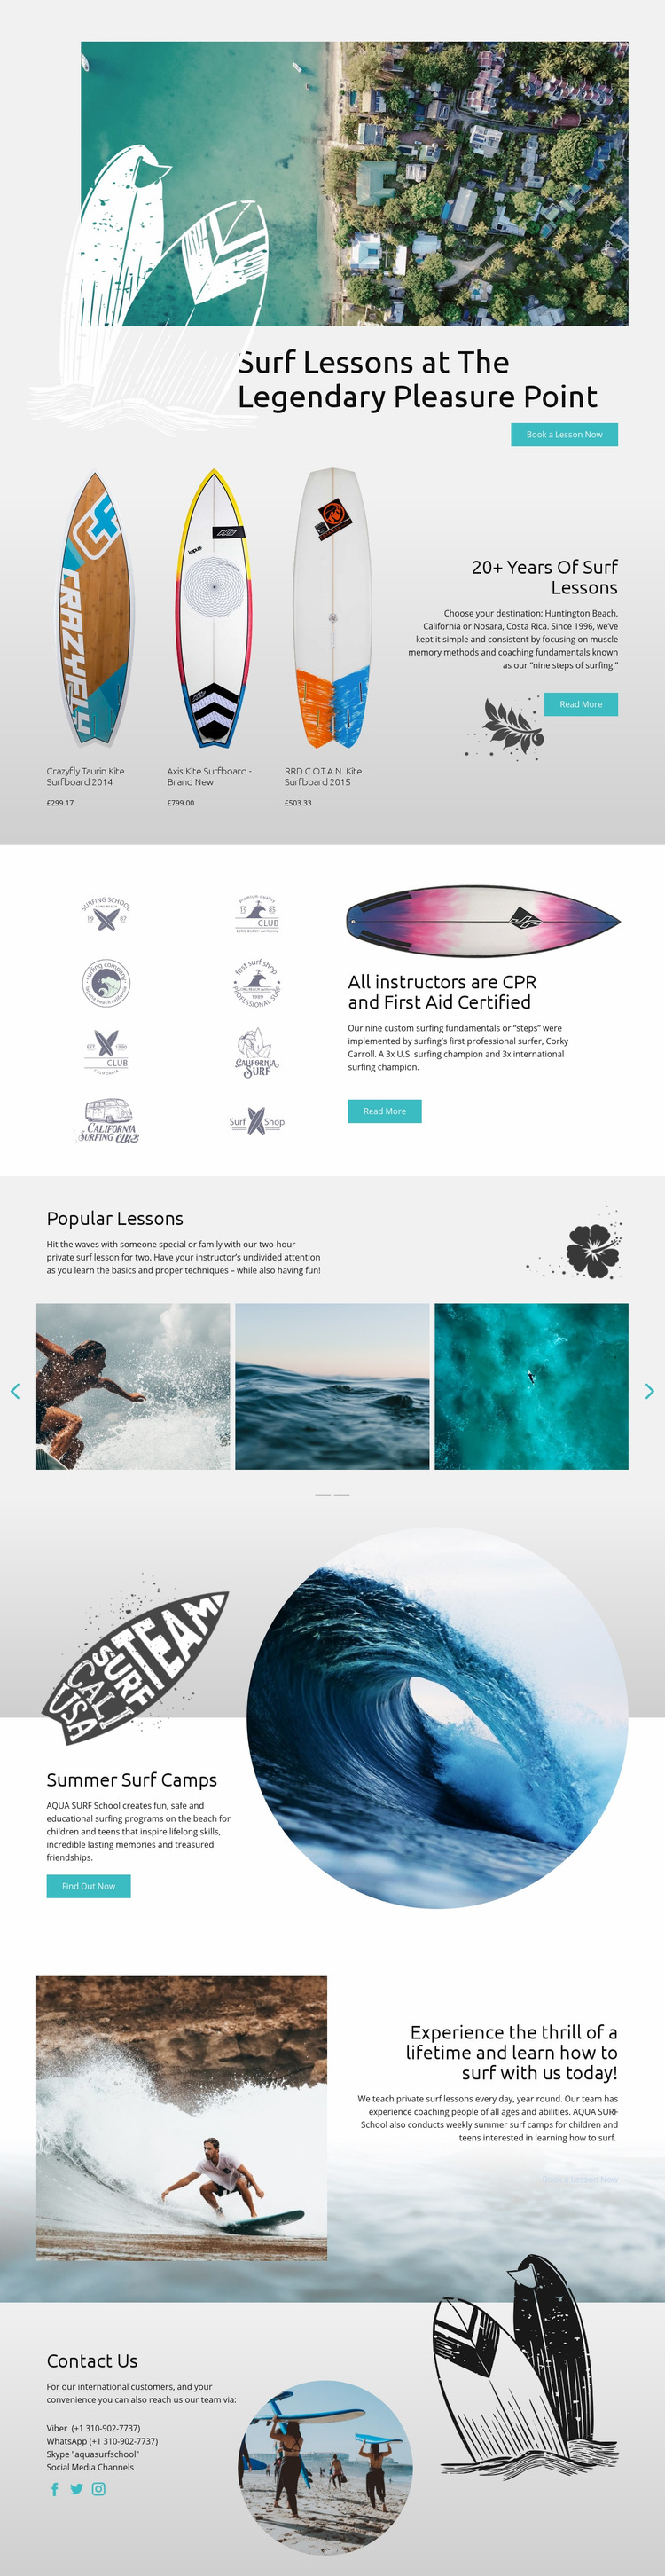 Surf Lessons Web Page Design